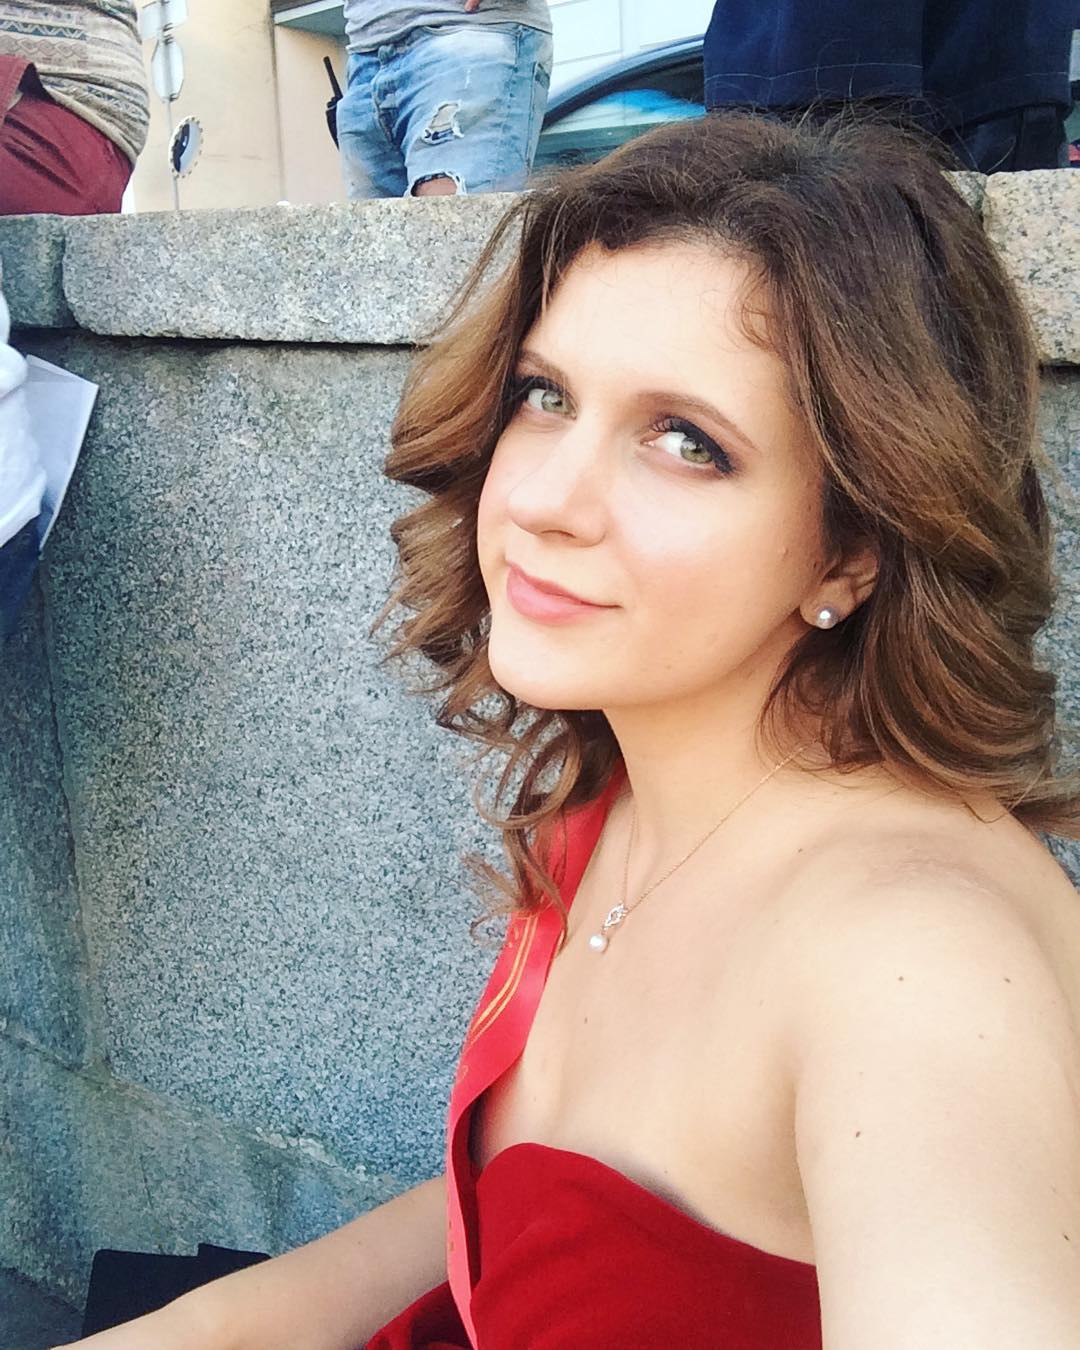 Анастасия Денисова: Предновогодняя суета навевает на воспоминания. А ещё многие подводят итоги...Кто-то пишет отличный был год, кто-то ждёт чтобы он скорее закончился, ужасный год...Я вам так скажу, у меня каждый год сложный, но и счастливый!А 31 декабря у меня ничег...